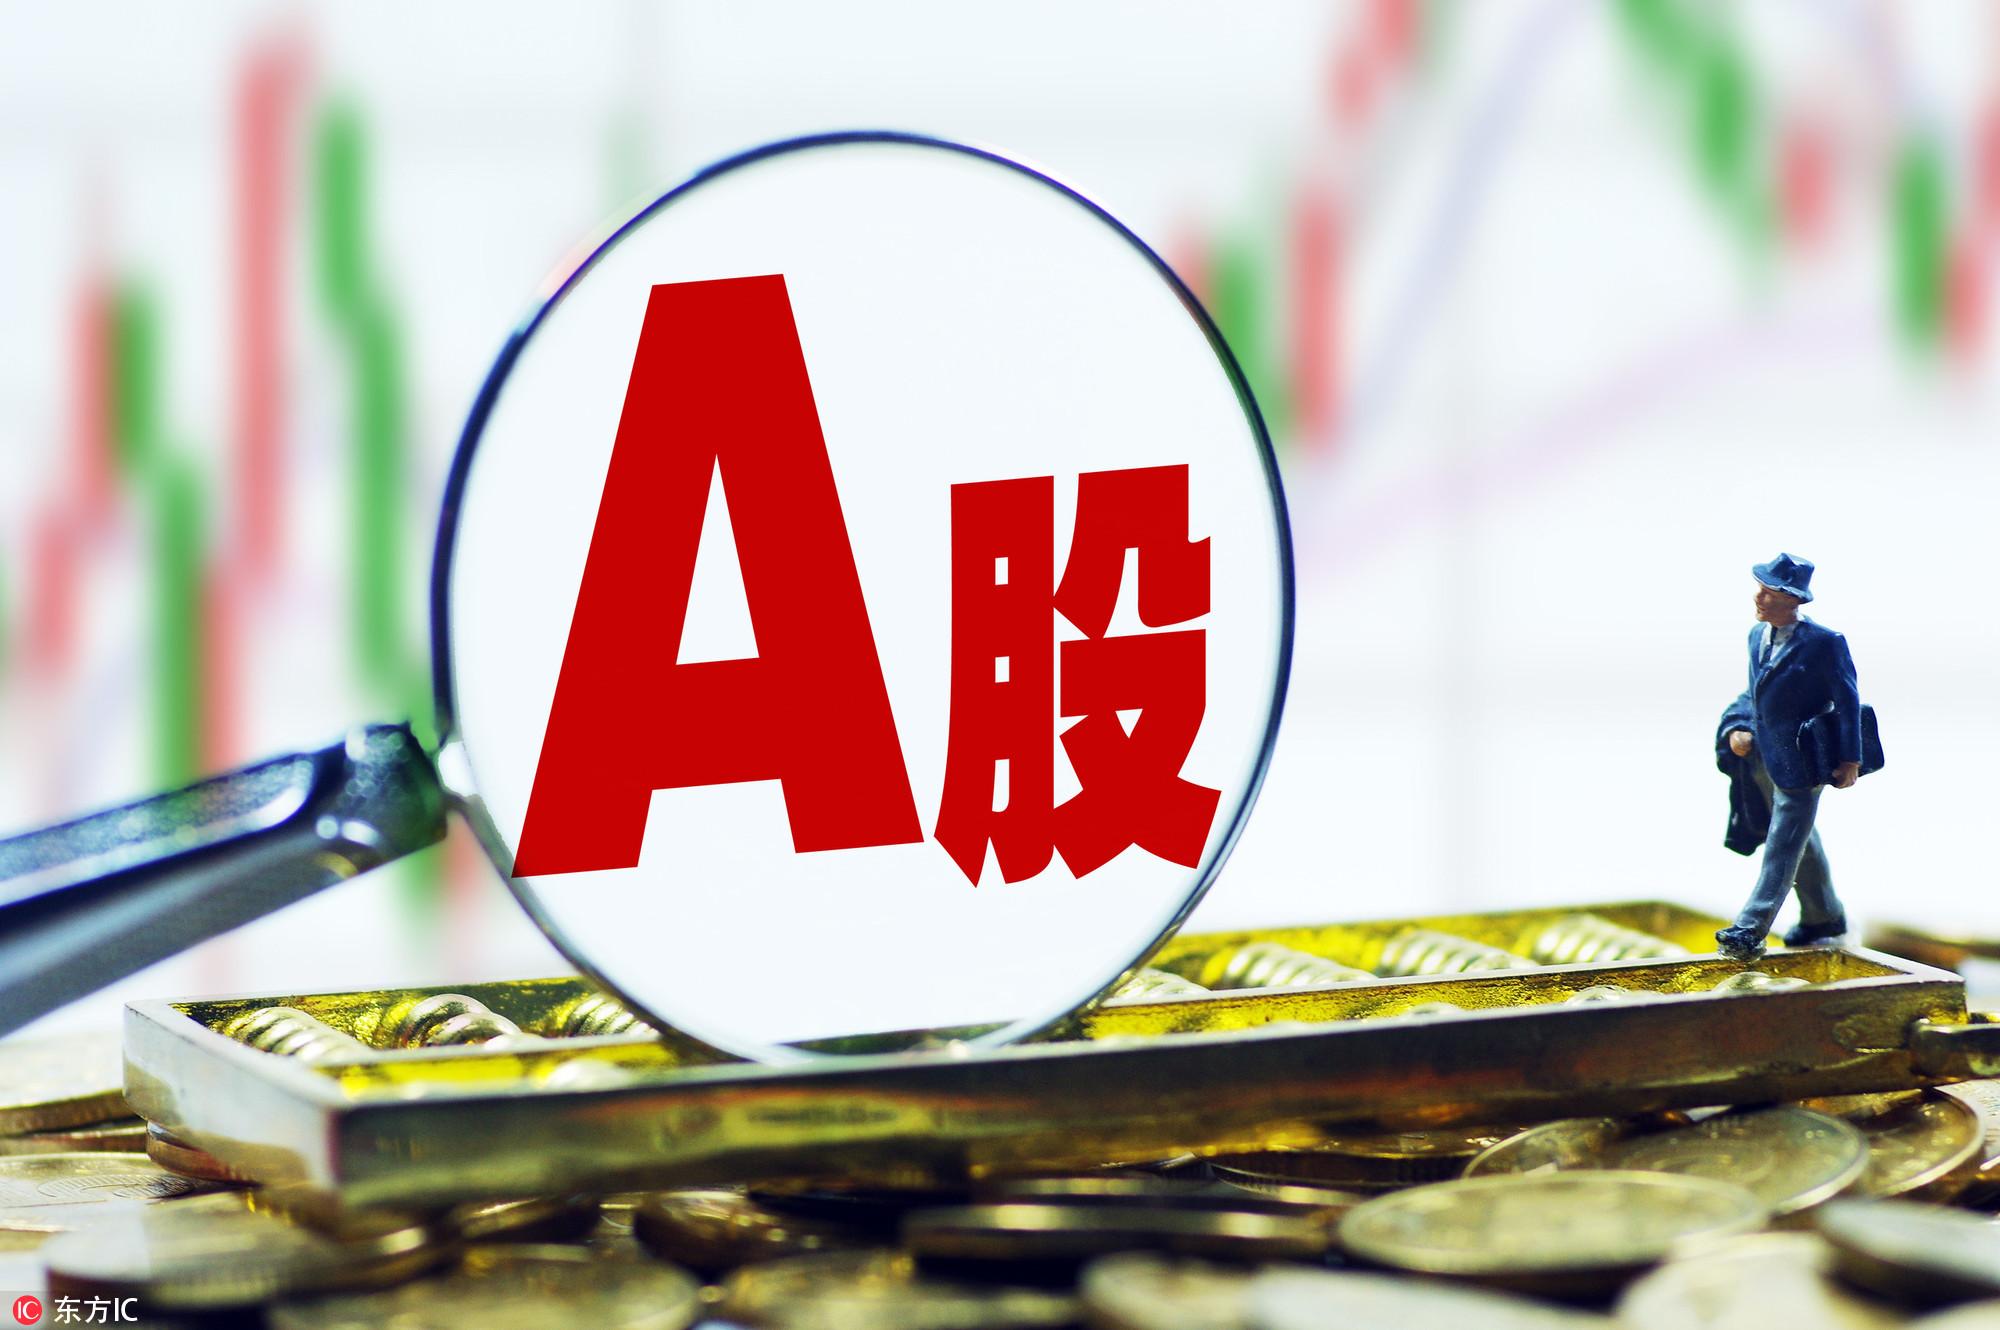 32家券商8月业绩出炉,国泰君安(601211.SH)单月挣17亿